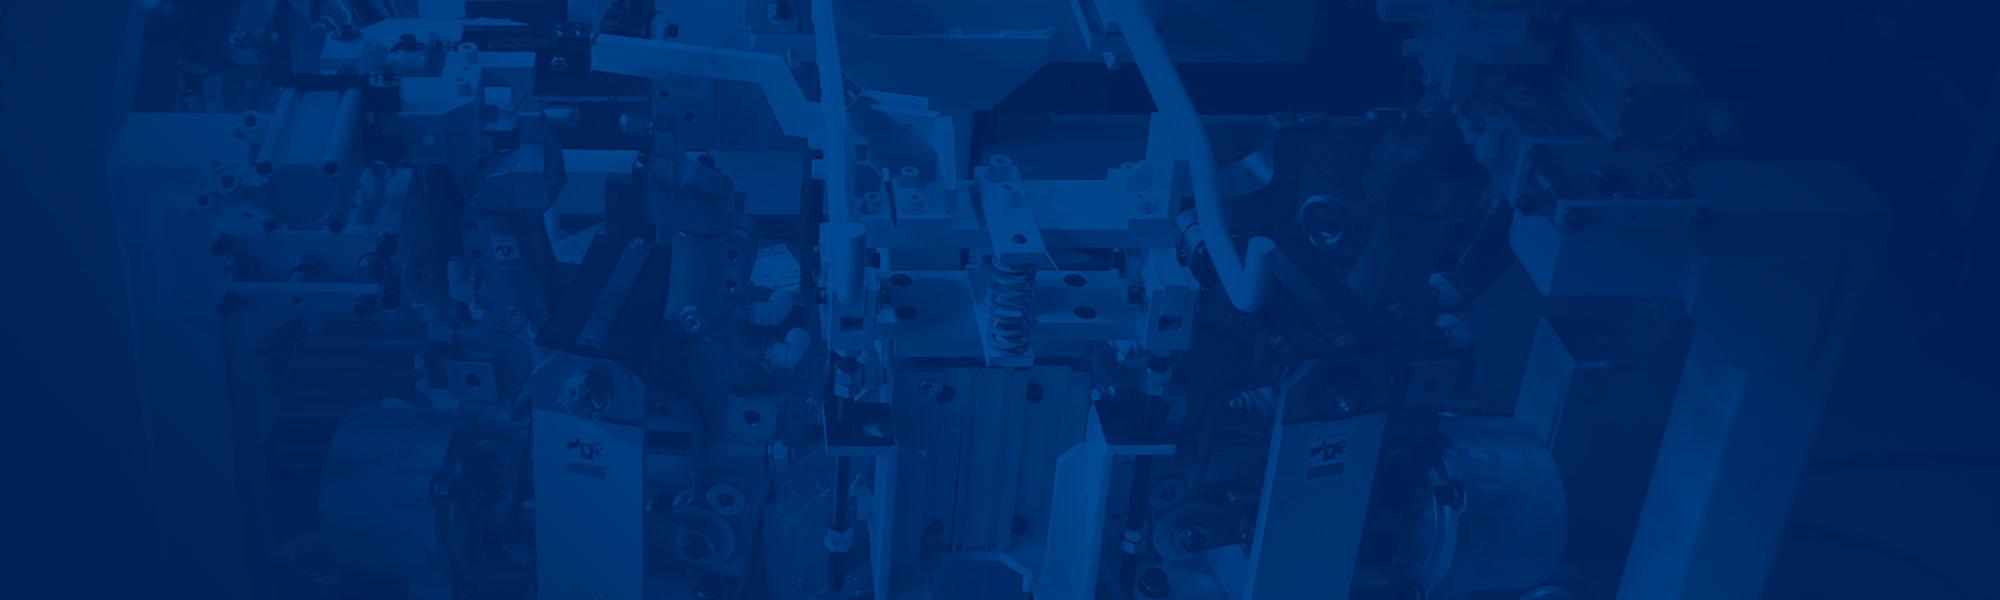 治具・省力化装置 設計・製造